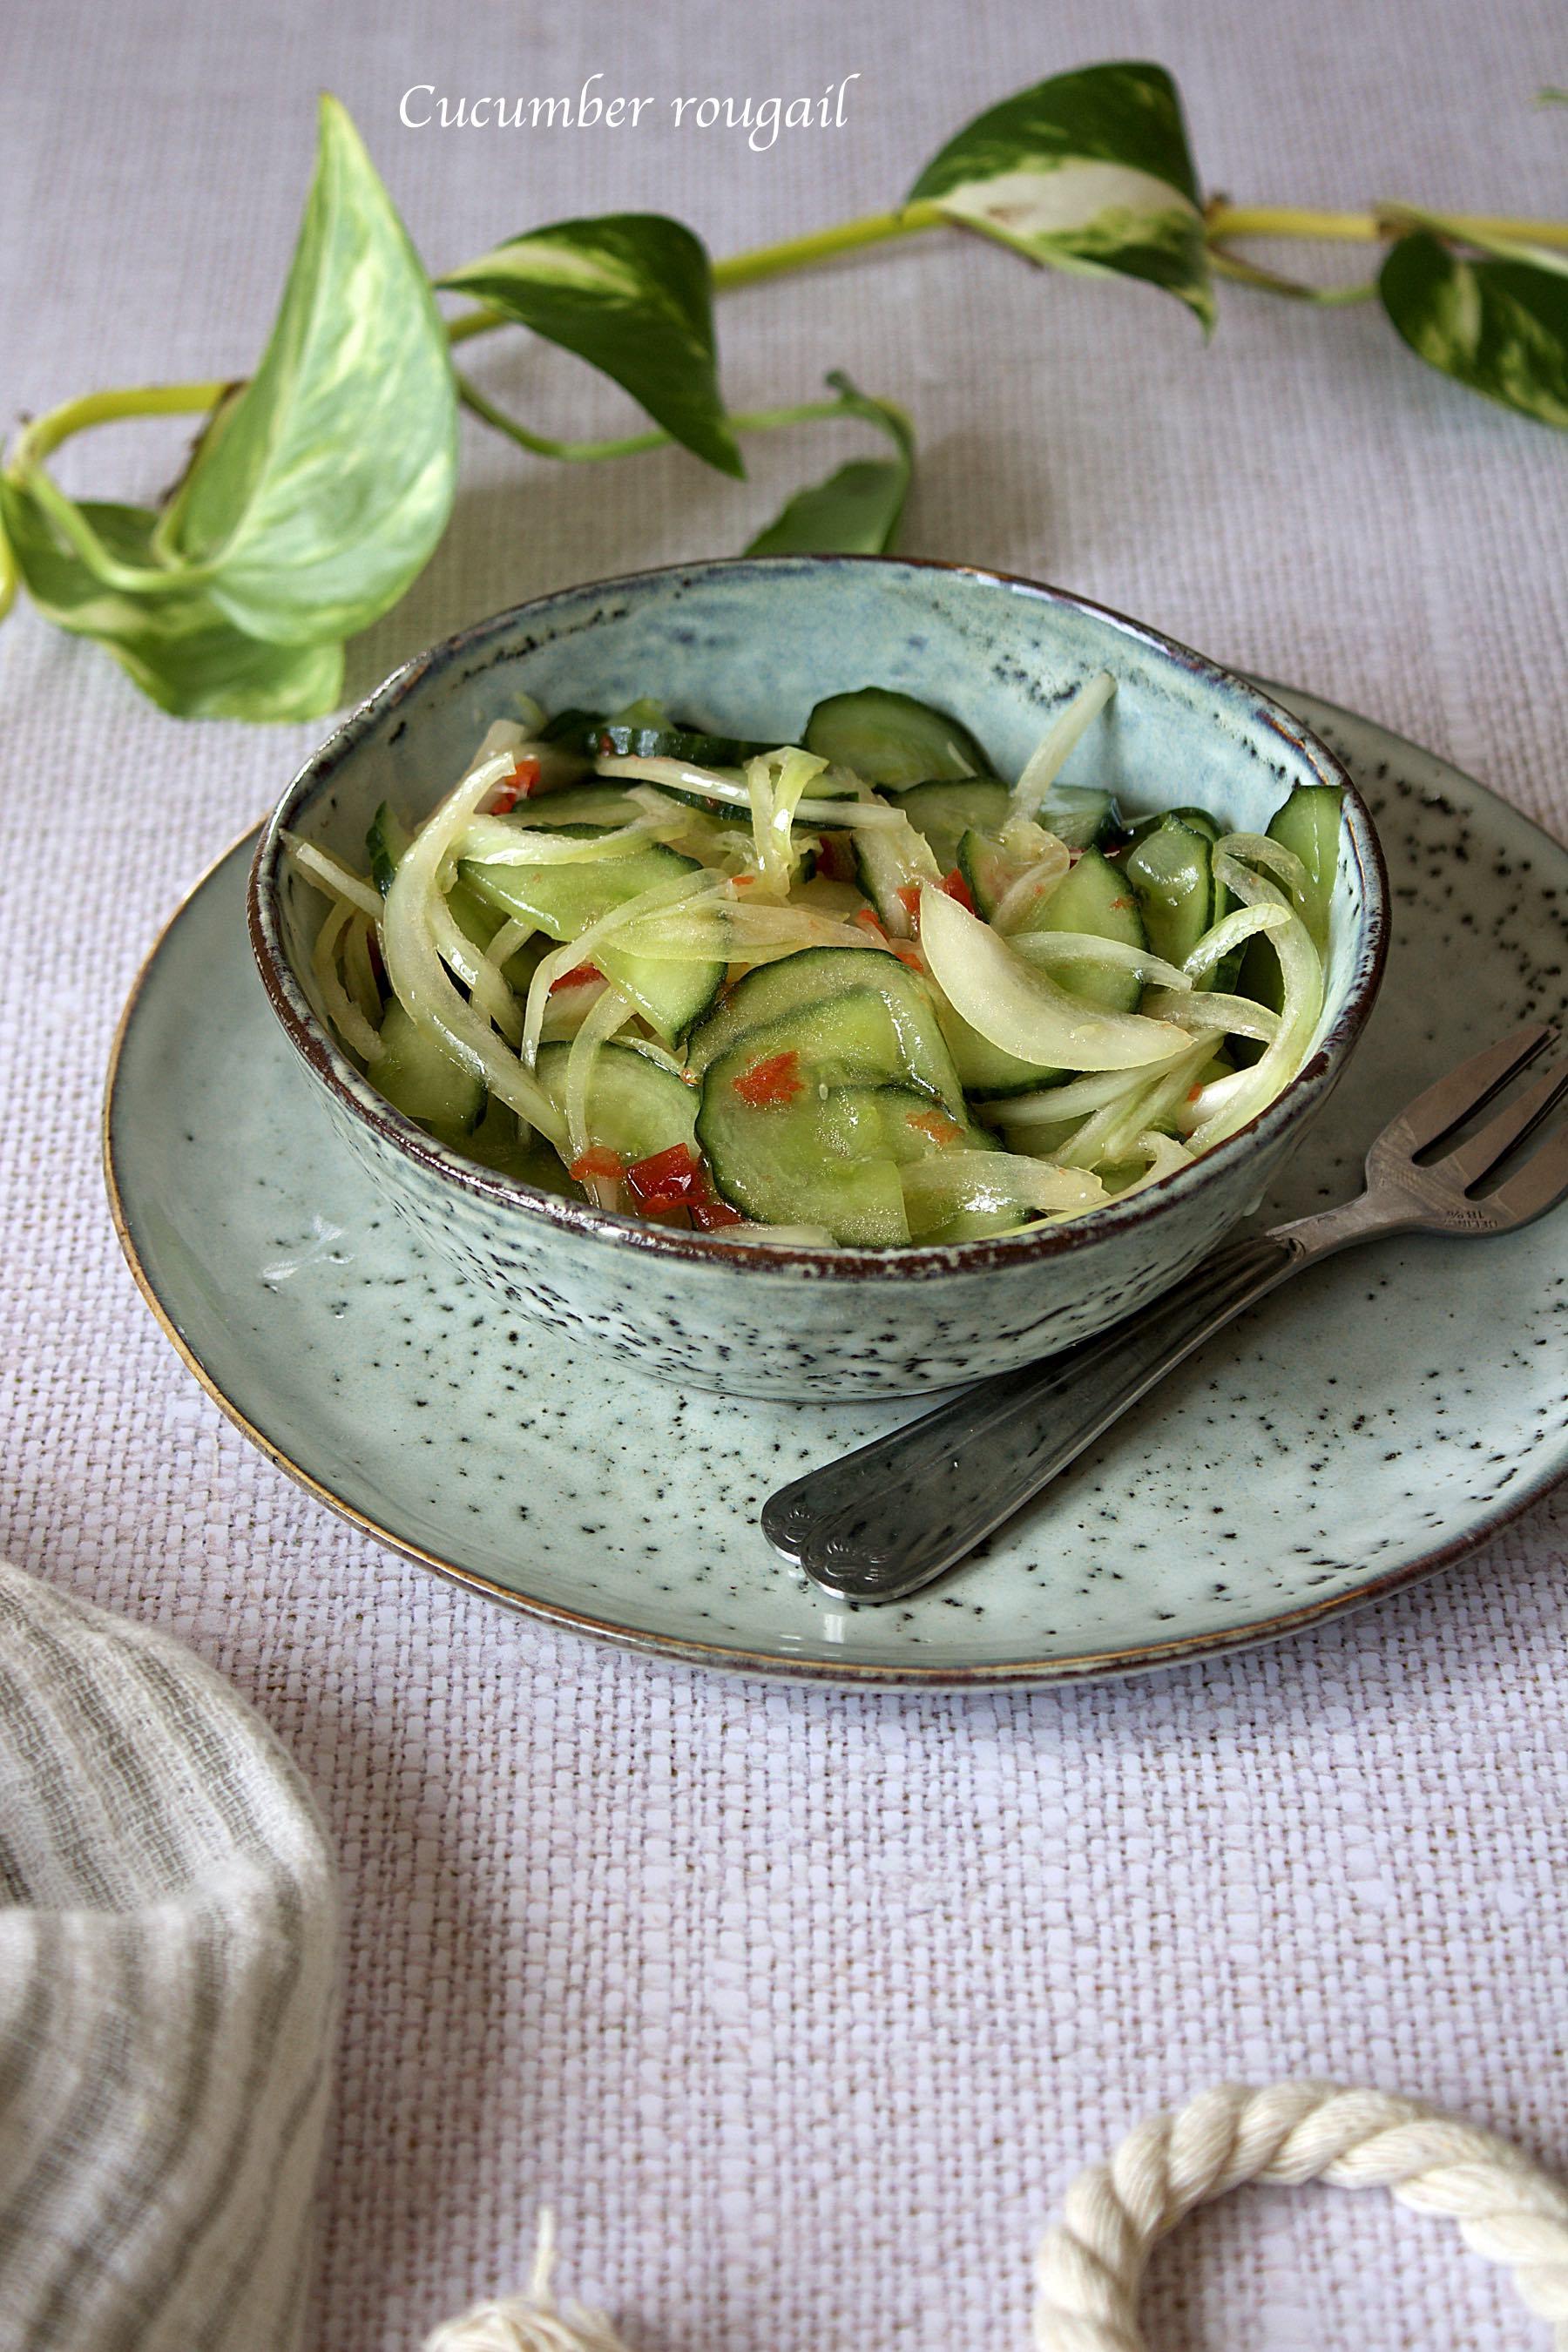 Cucumber rougail